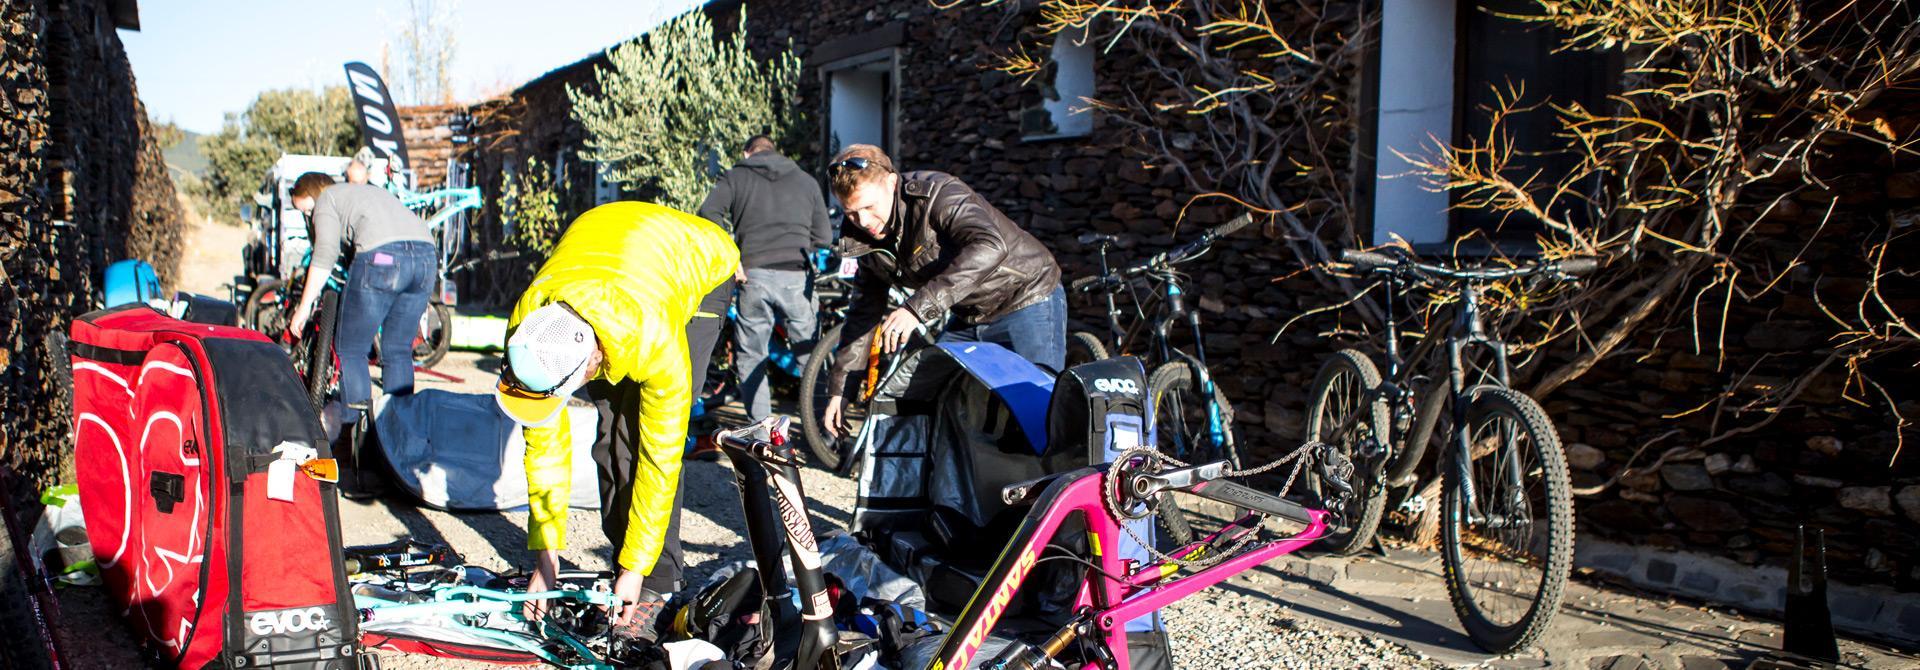 Hire bike or your own bike?